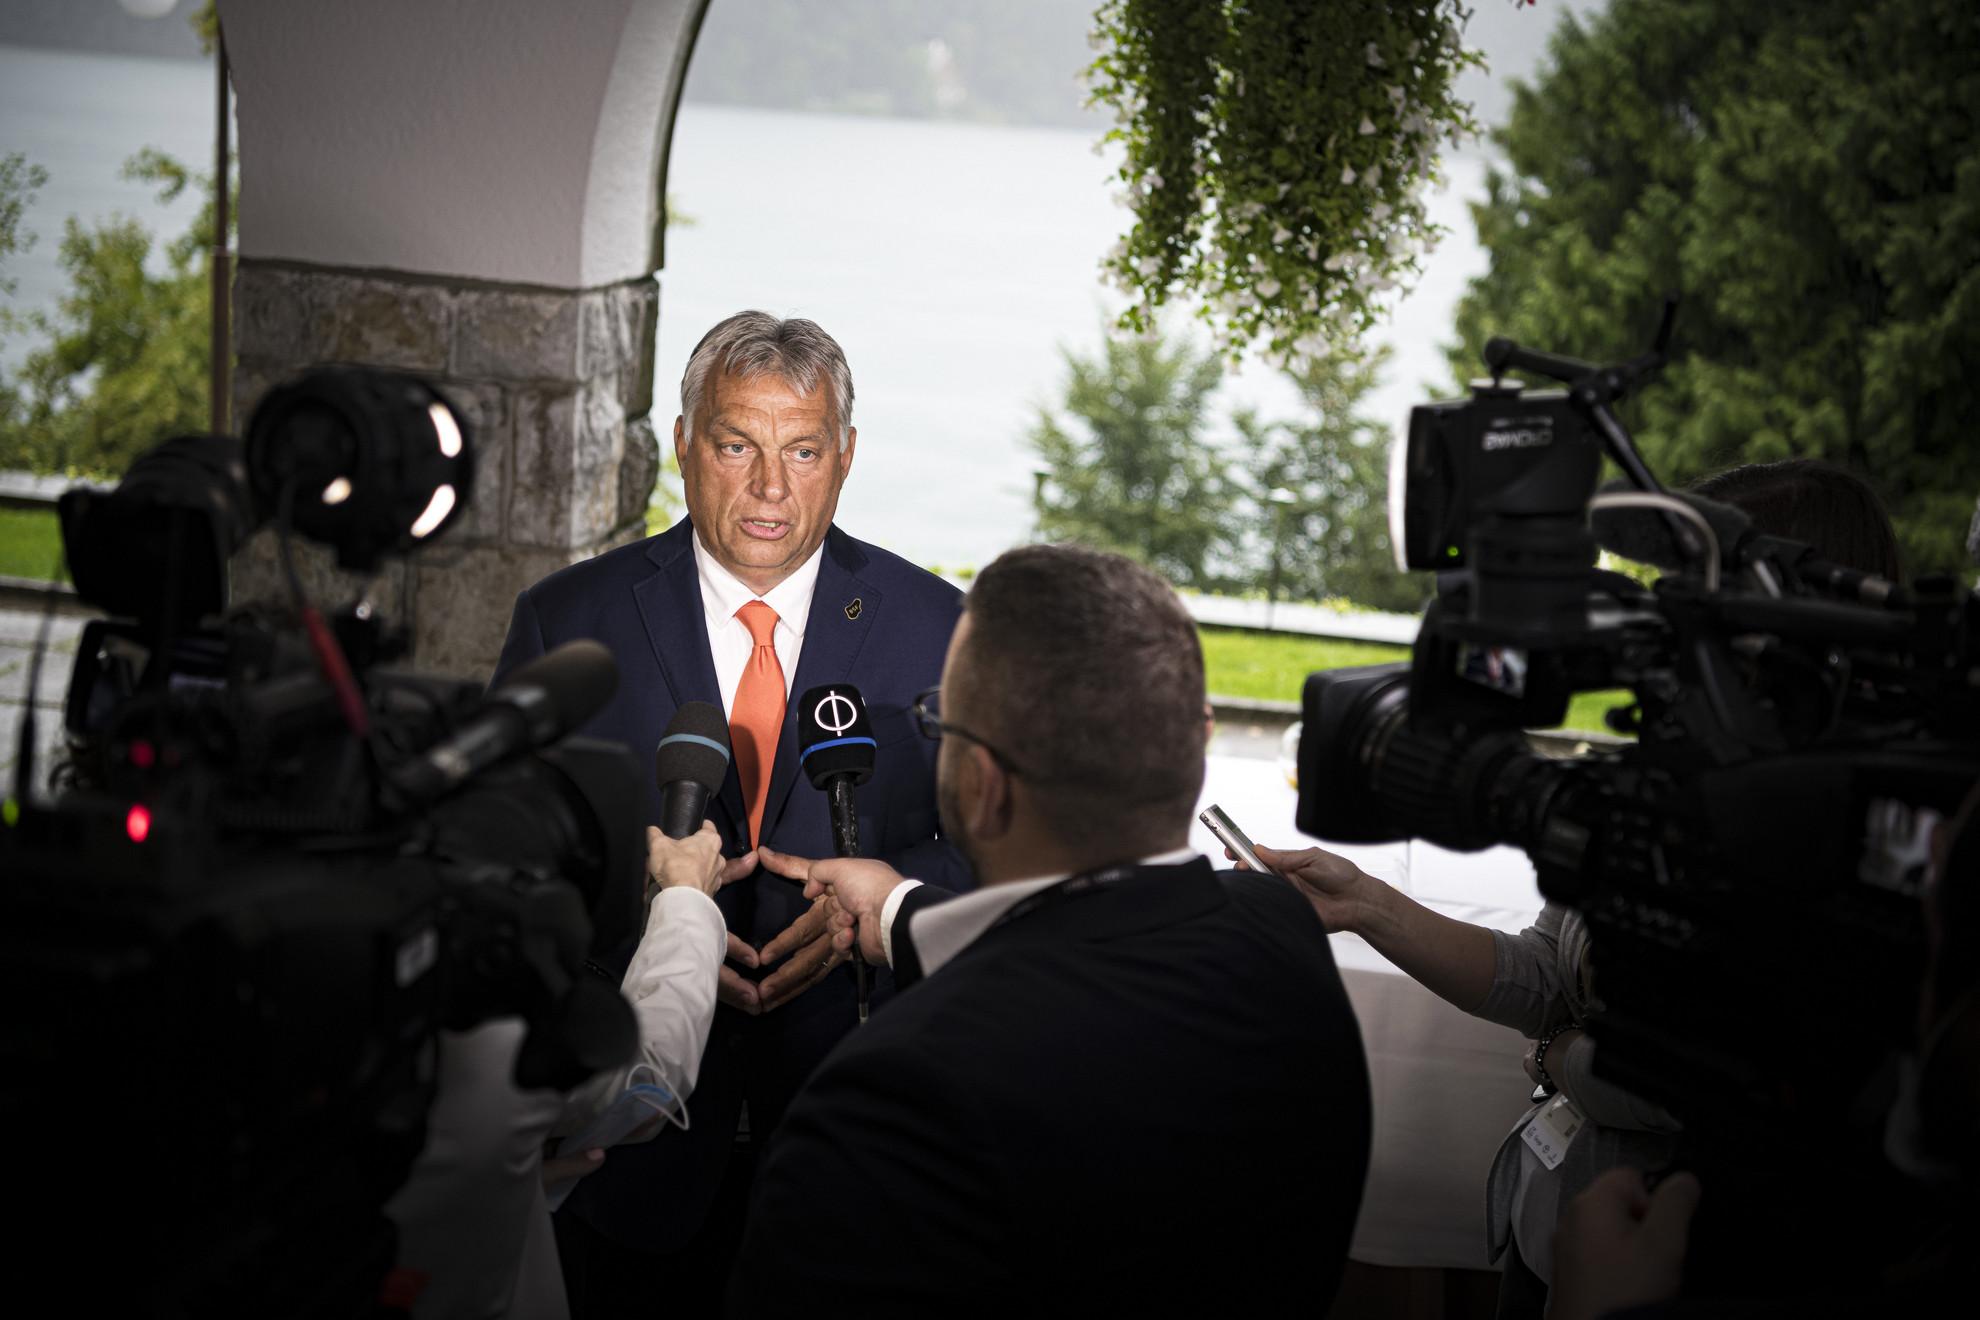 A Miniszterelnöki Sajtóiroda által közreadott képen Orbán Viktor miniszterelnök nyilatkozik a sajtónak a 15. Bledi Stratégiai Fórumon 2020. augusztus 31-én